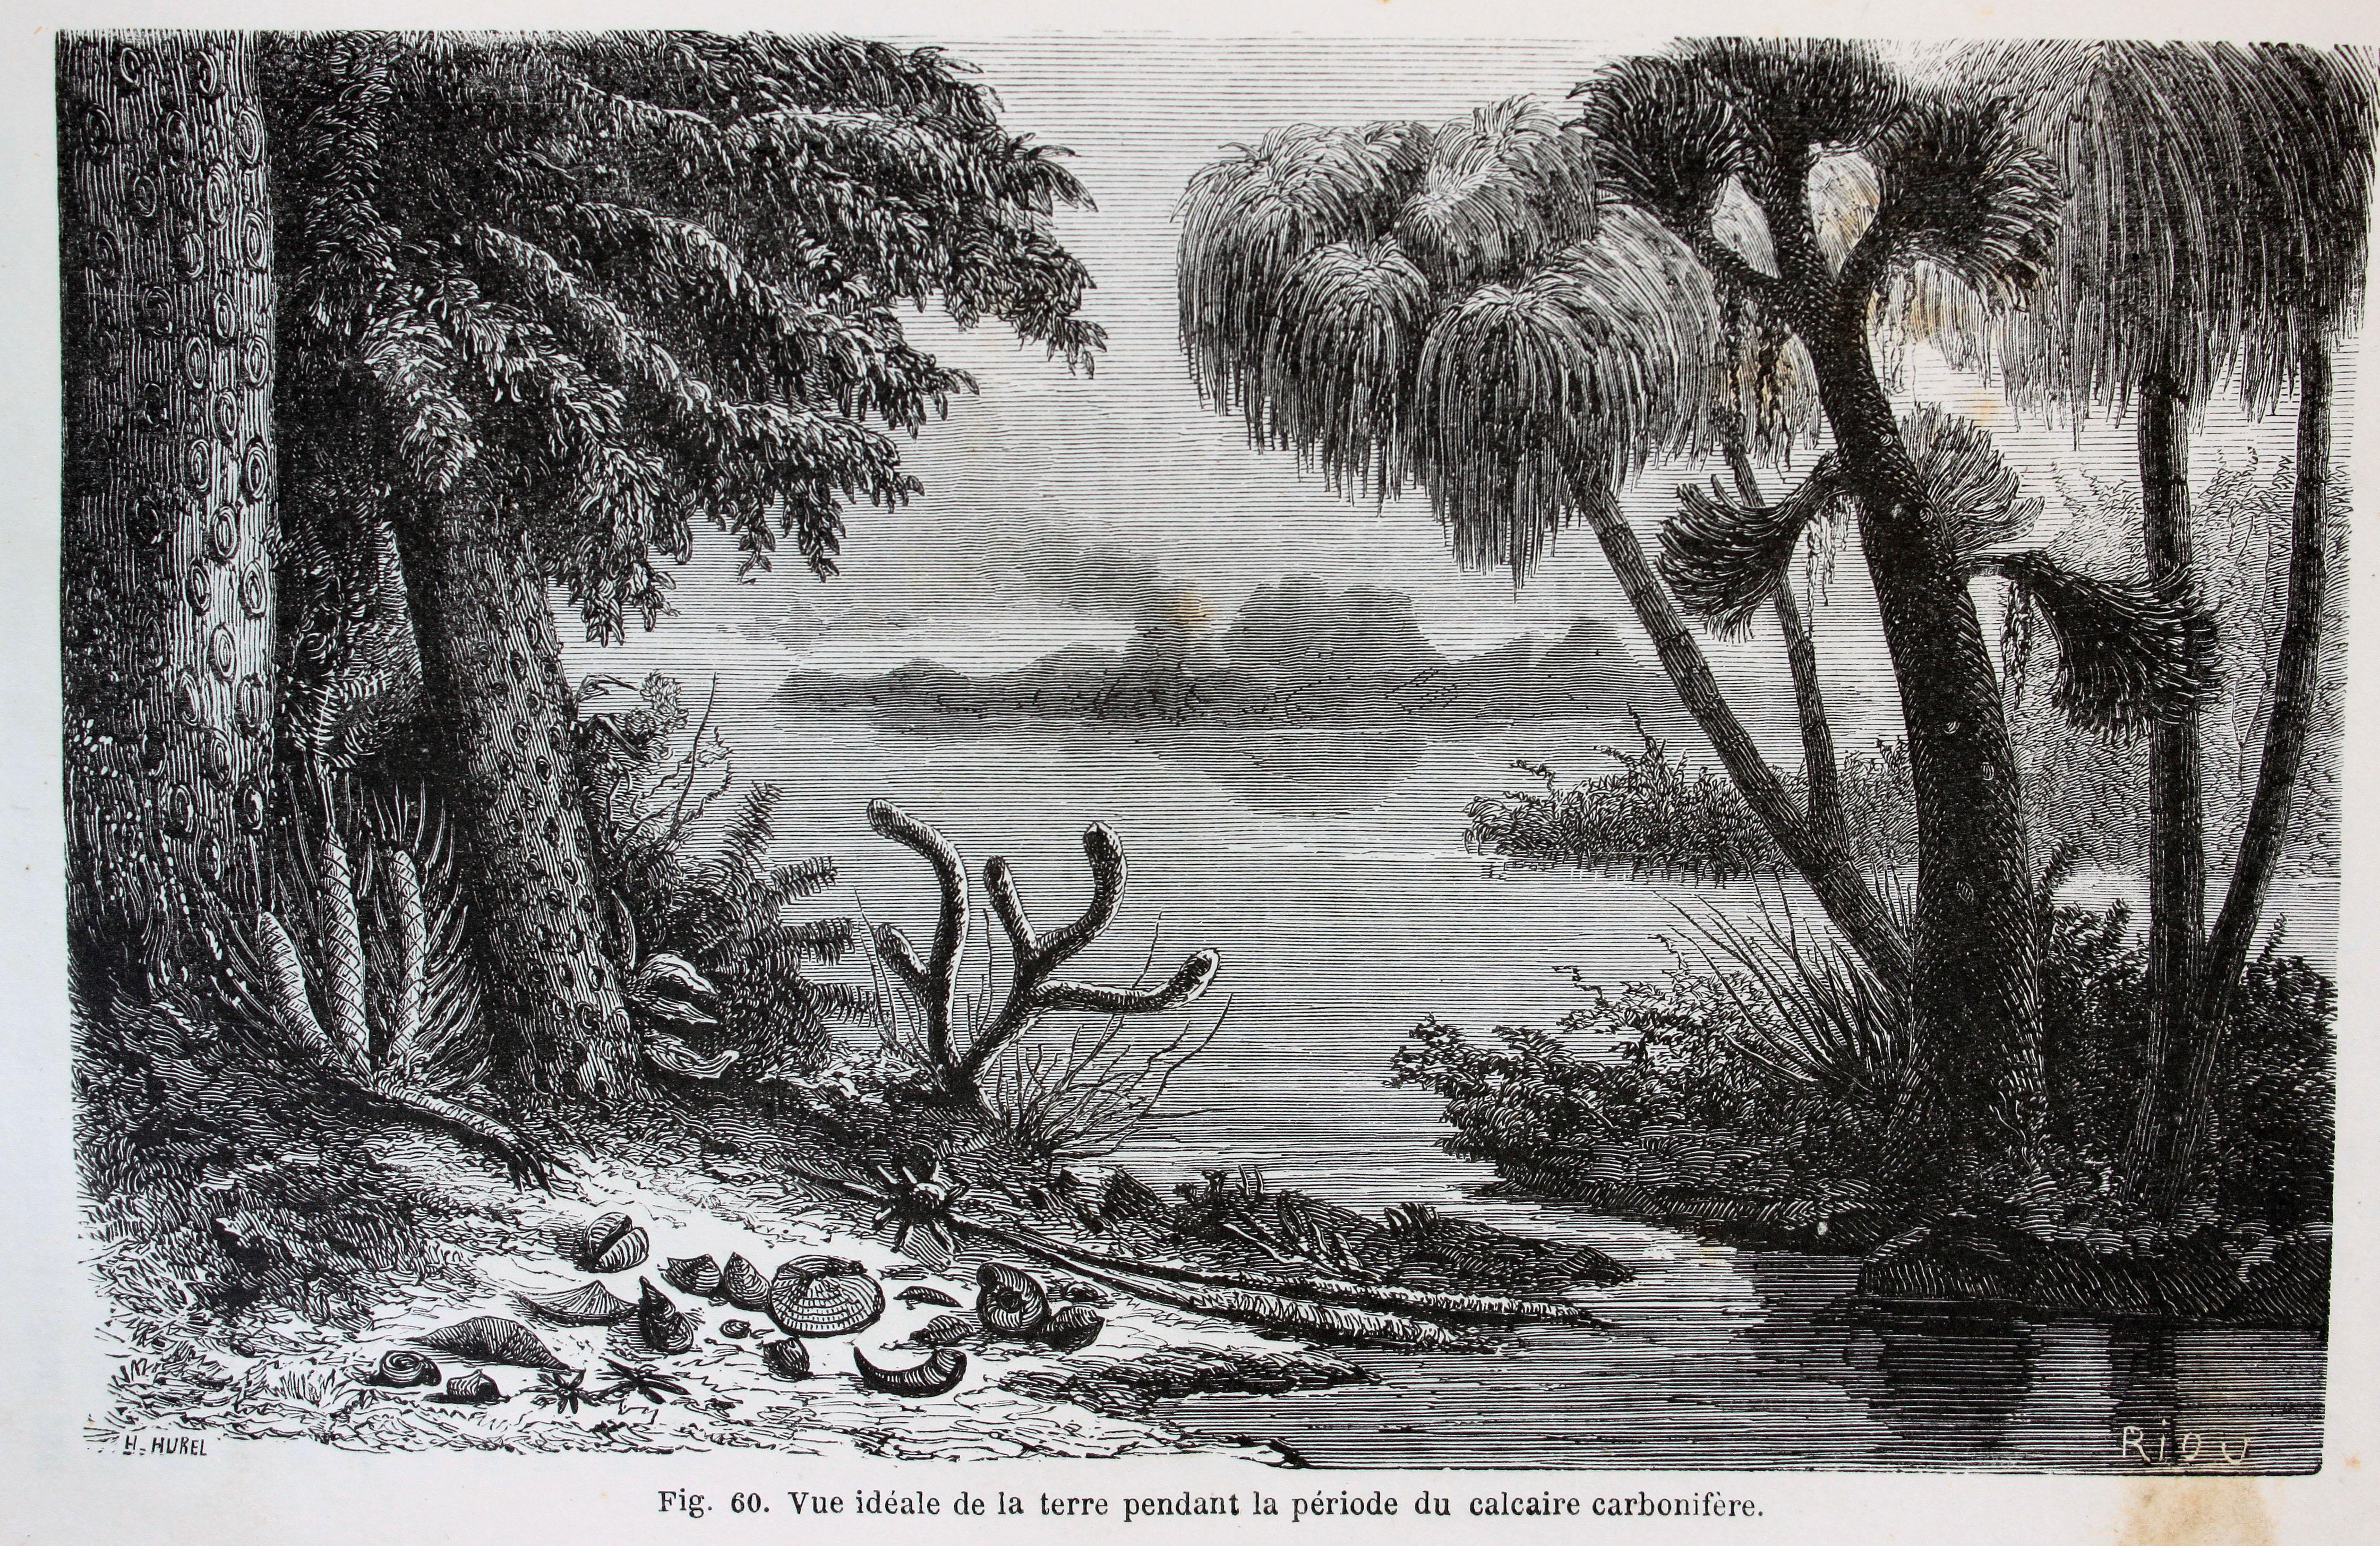 Martin Rudwick Natural History